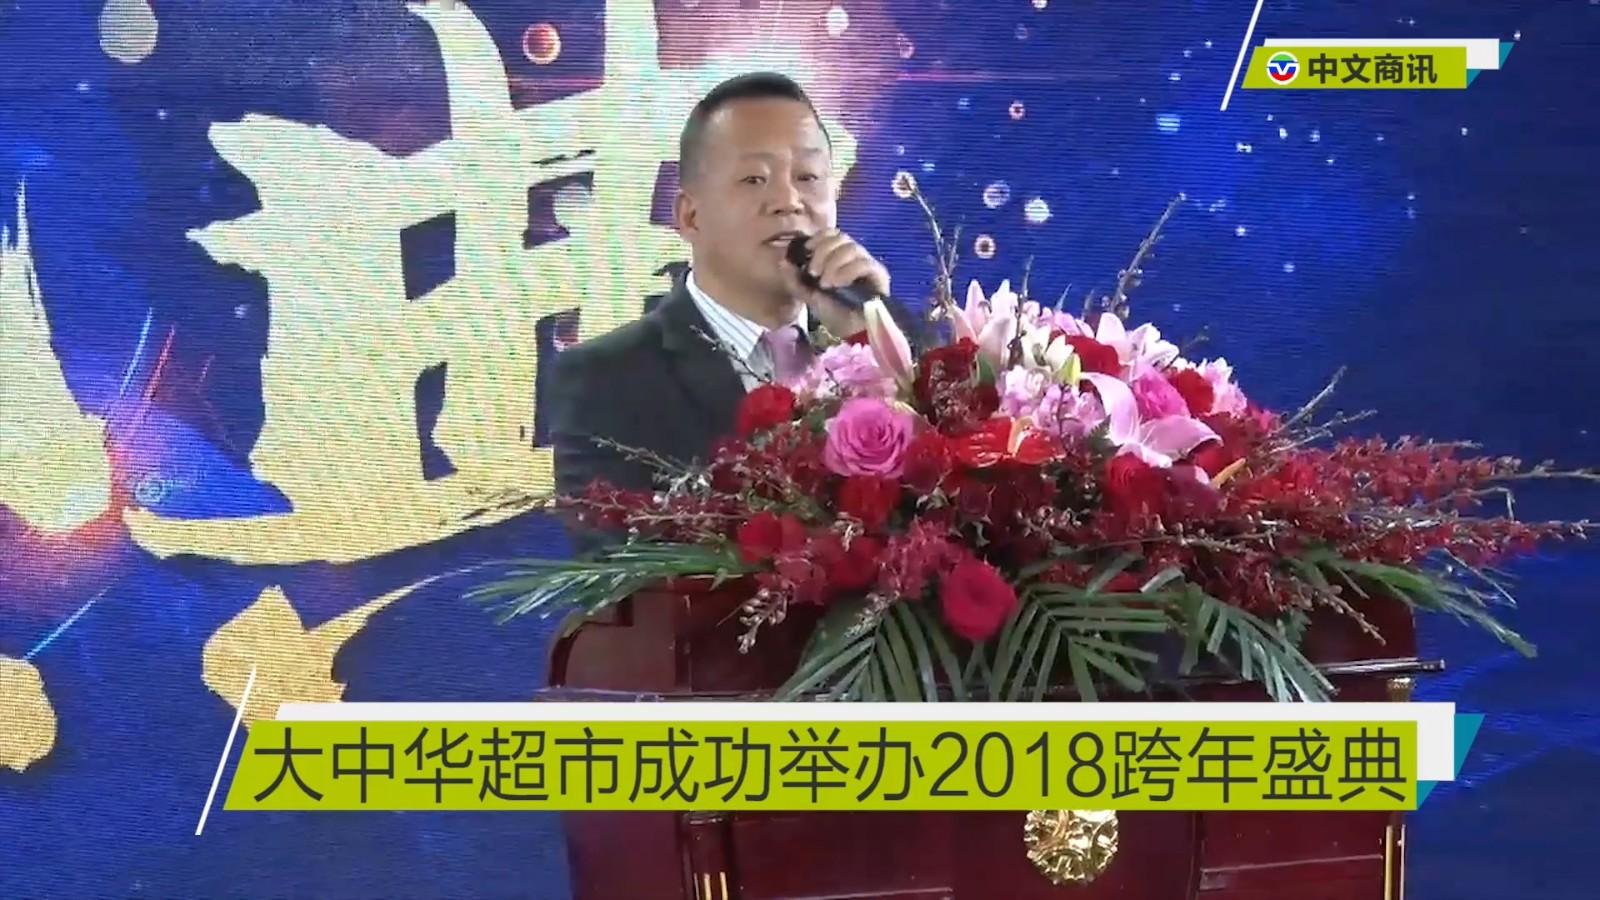 【视频】 大中华超市成功举办2018跨年盛典